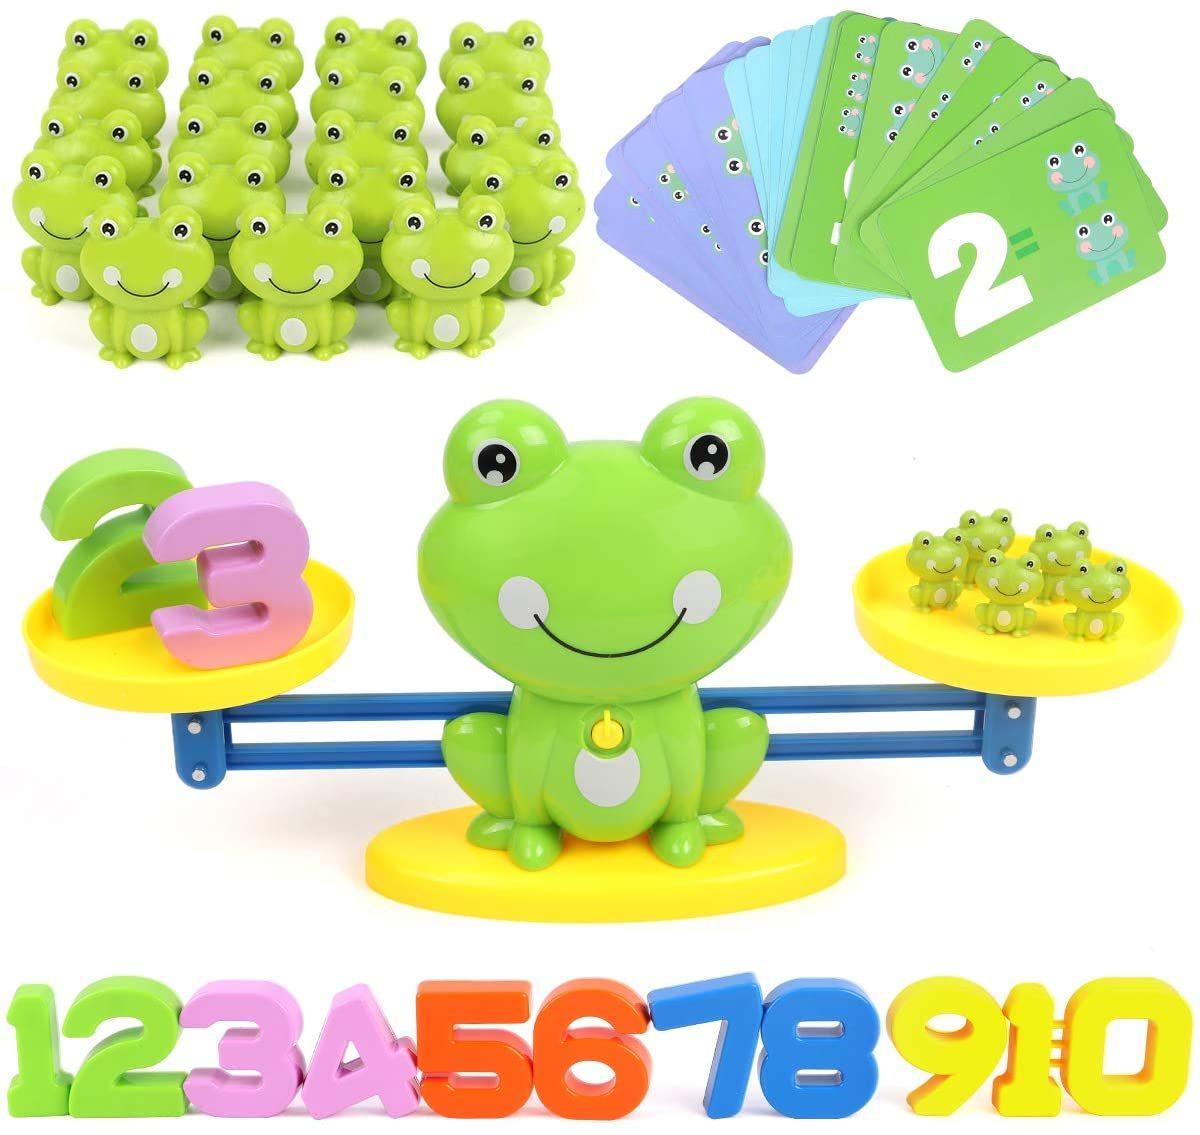 カエル 天秤 知育玩具 おもちゃ 数字の基礎を覚える 算数 足し算 引き算